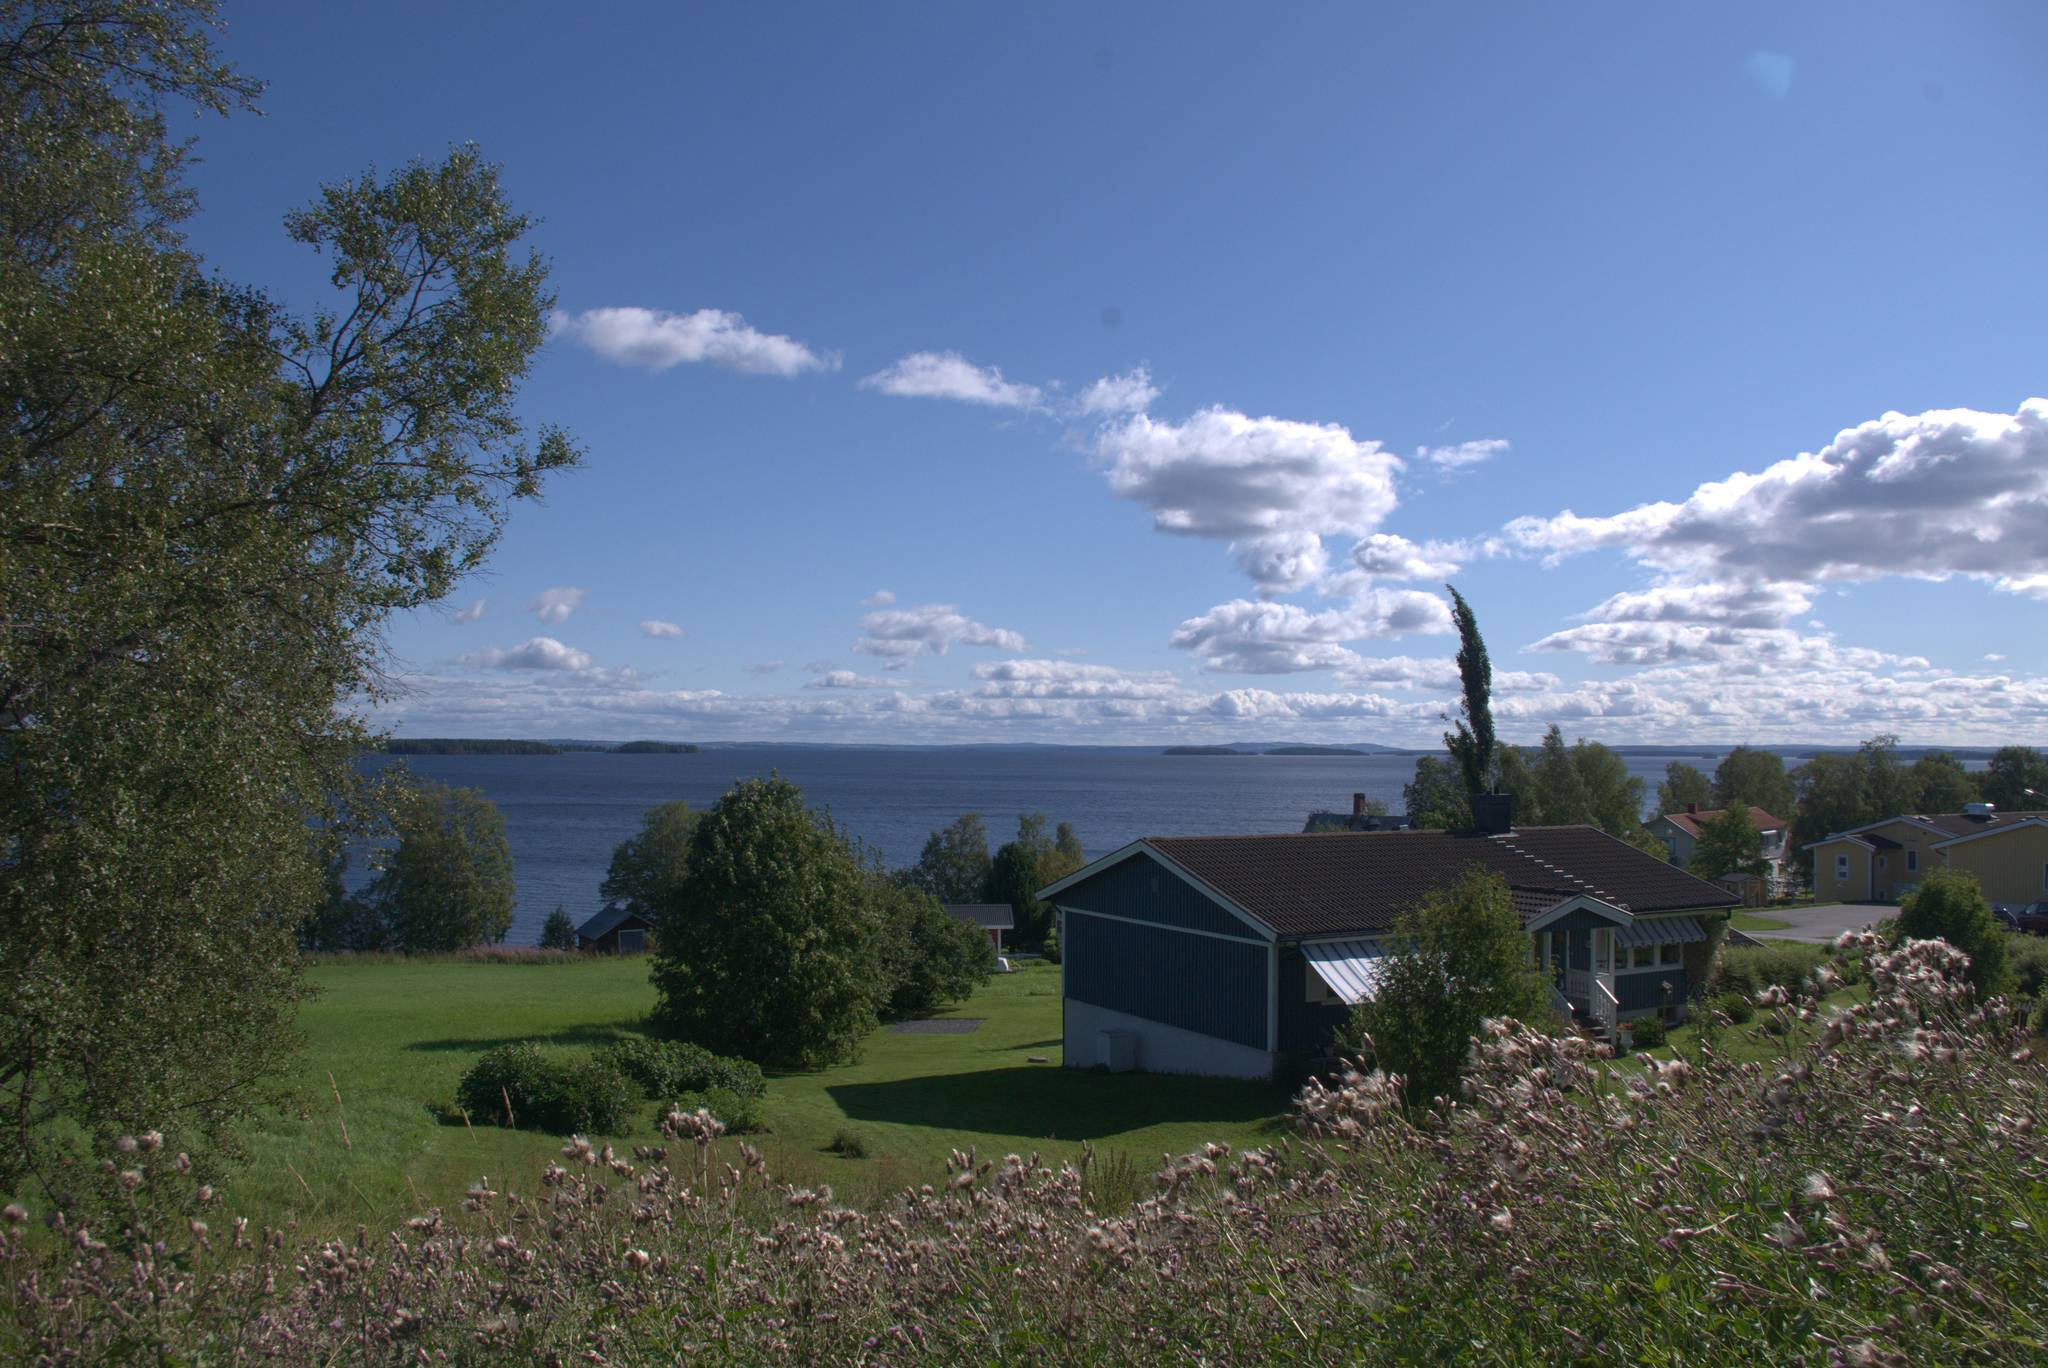 gdzieś po drugiej stronie jeziora znajduje się Ostersund